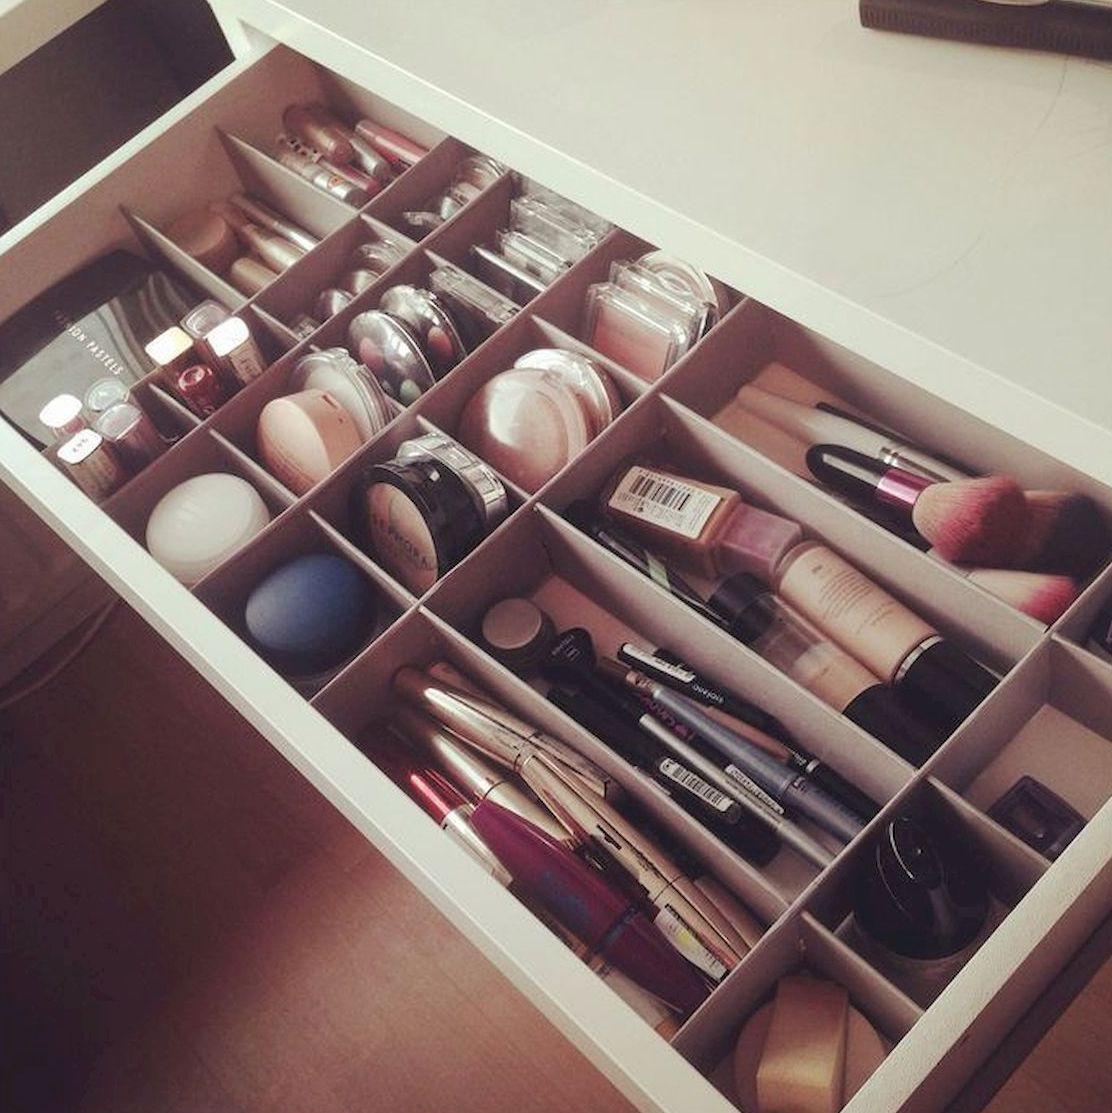 50 Cool Makeup Storage Ideas That Will Save Your Time Jihanshanum Makeup Drawer Organization Makeup Organization Vanity Makeup Organization